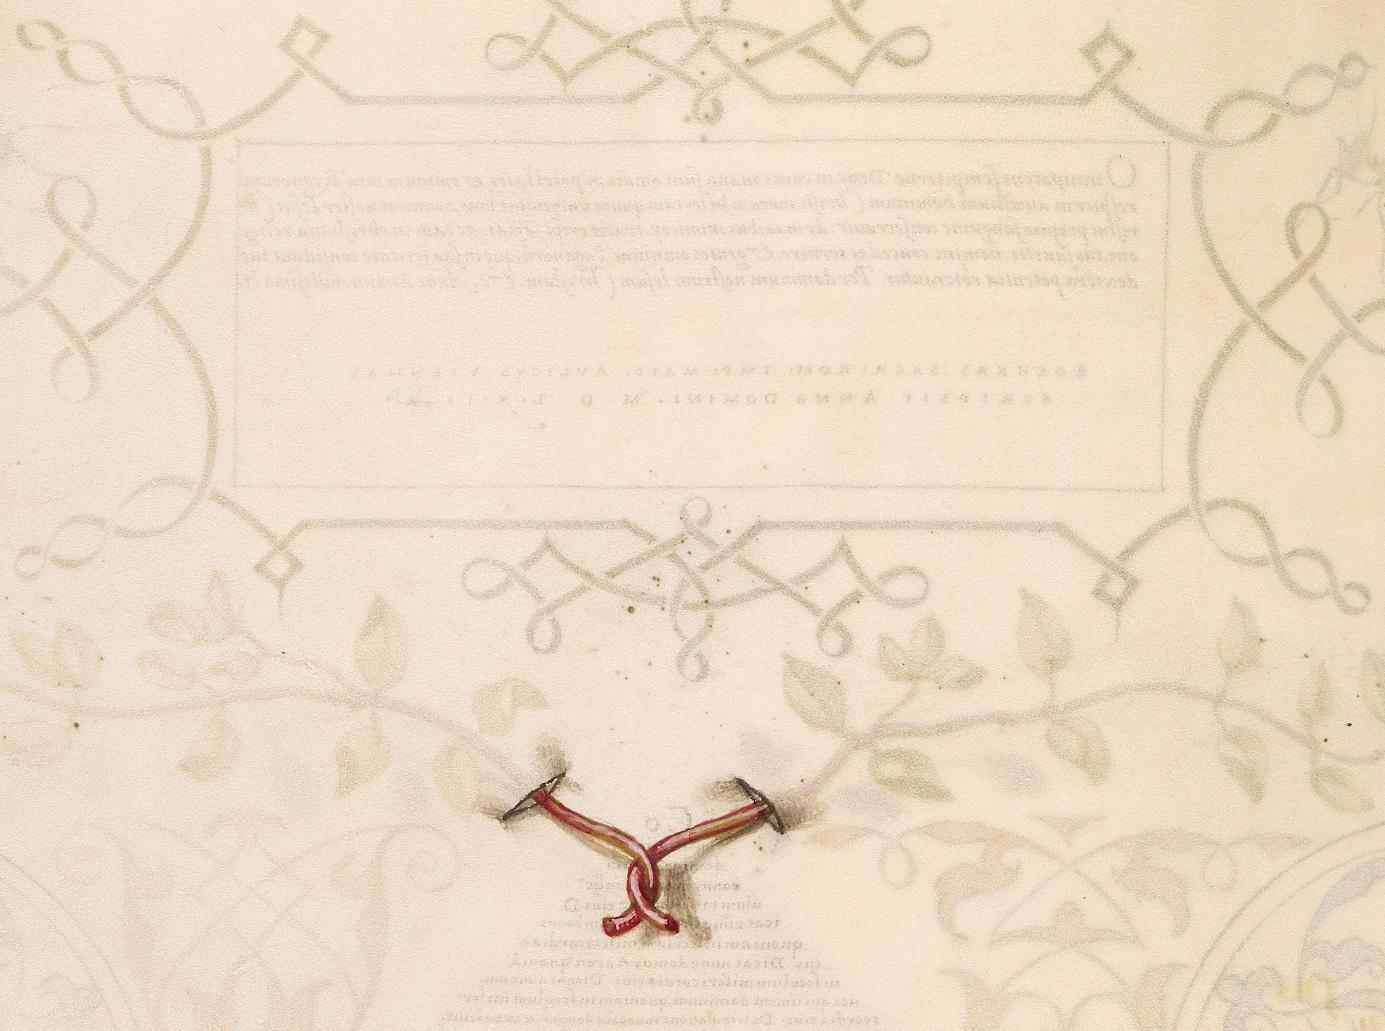 miracaligraphiaemonumenta-folio-089v.jpg